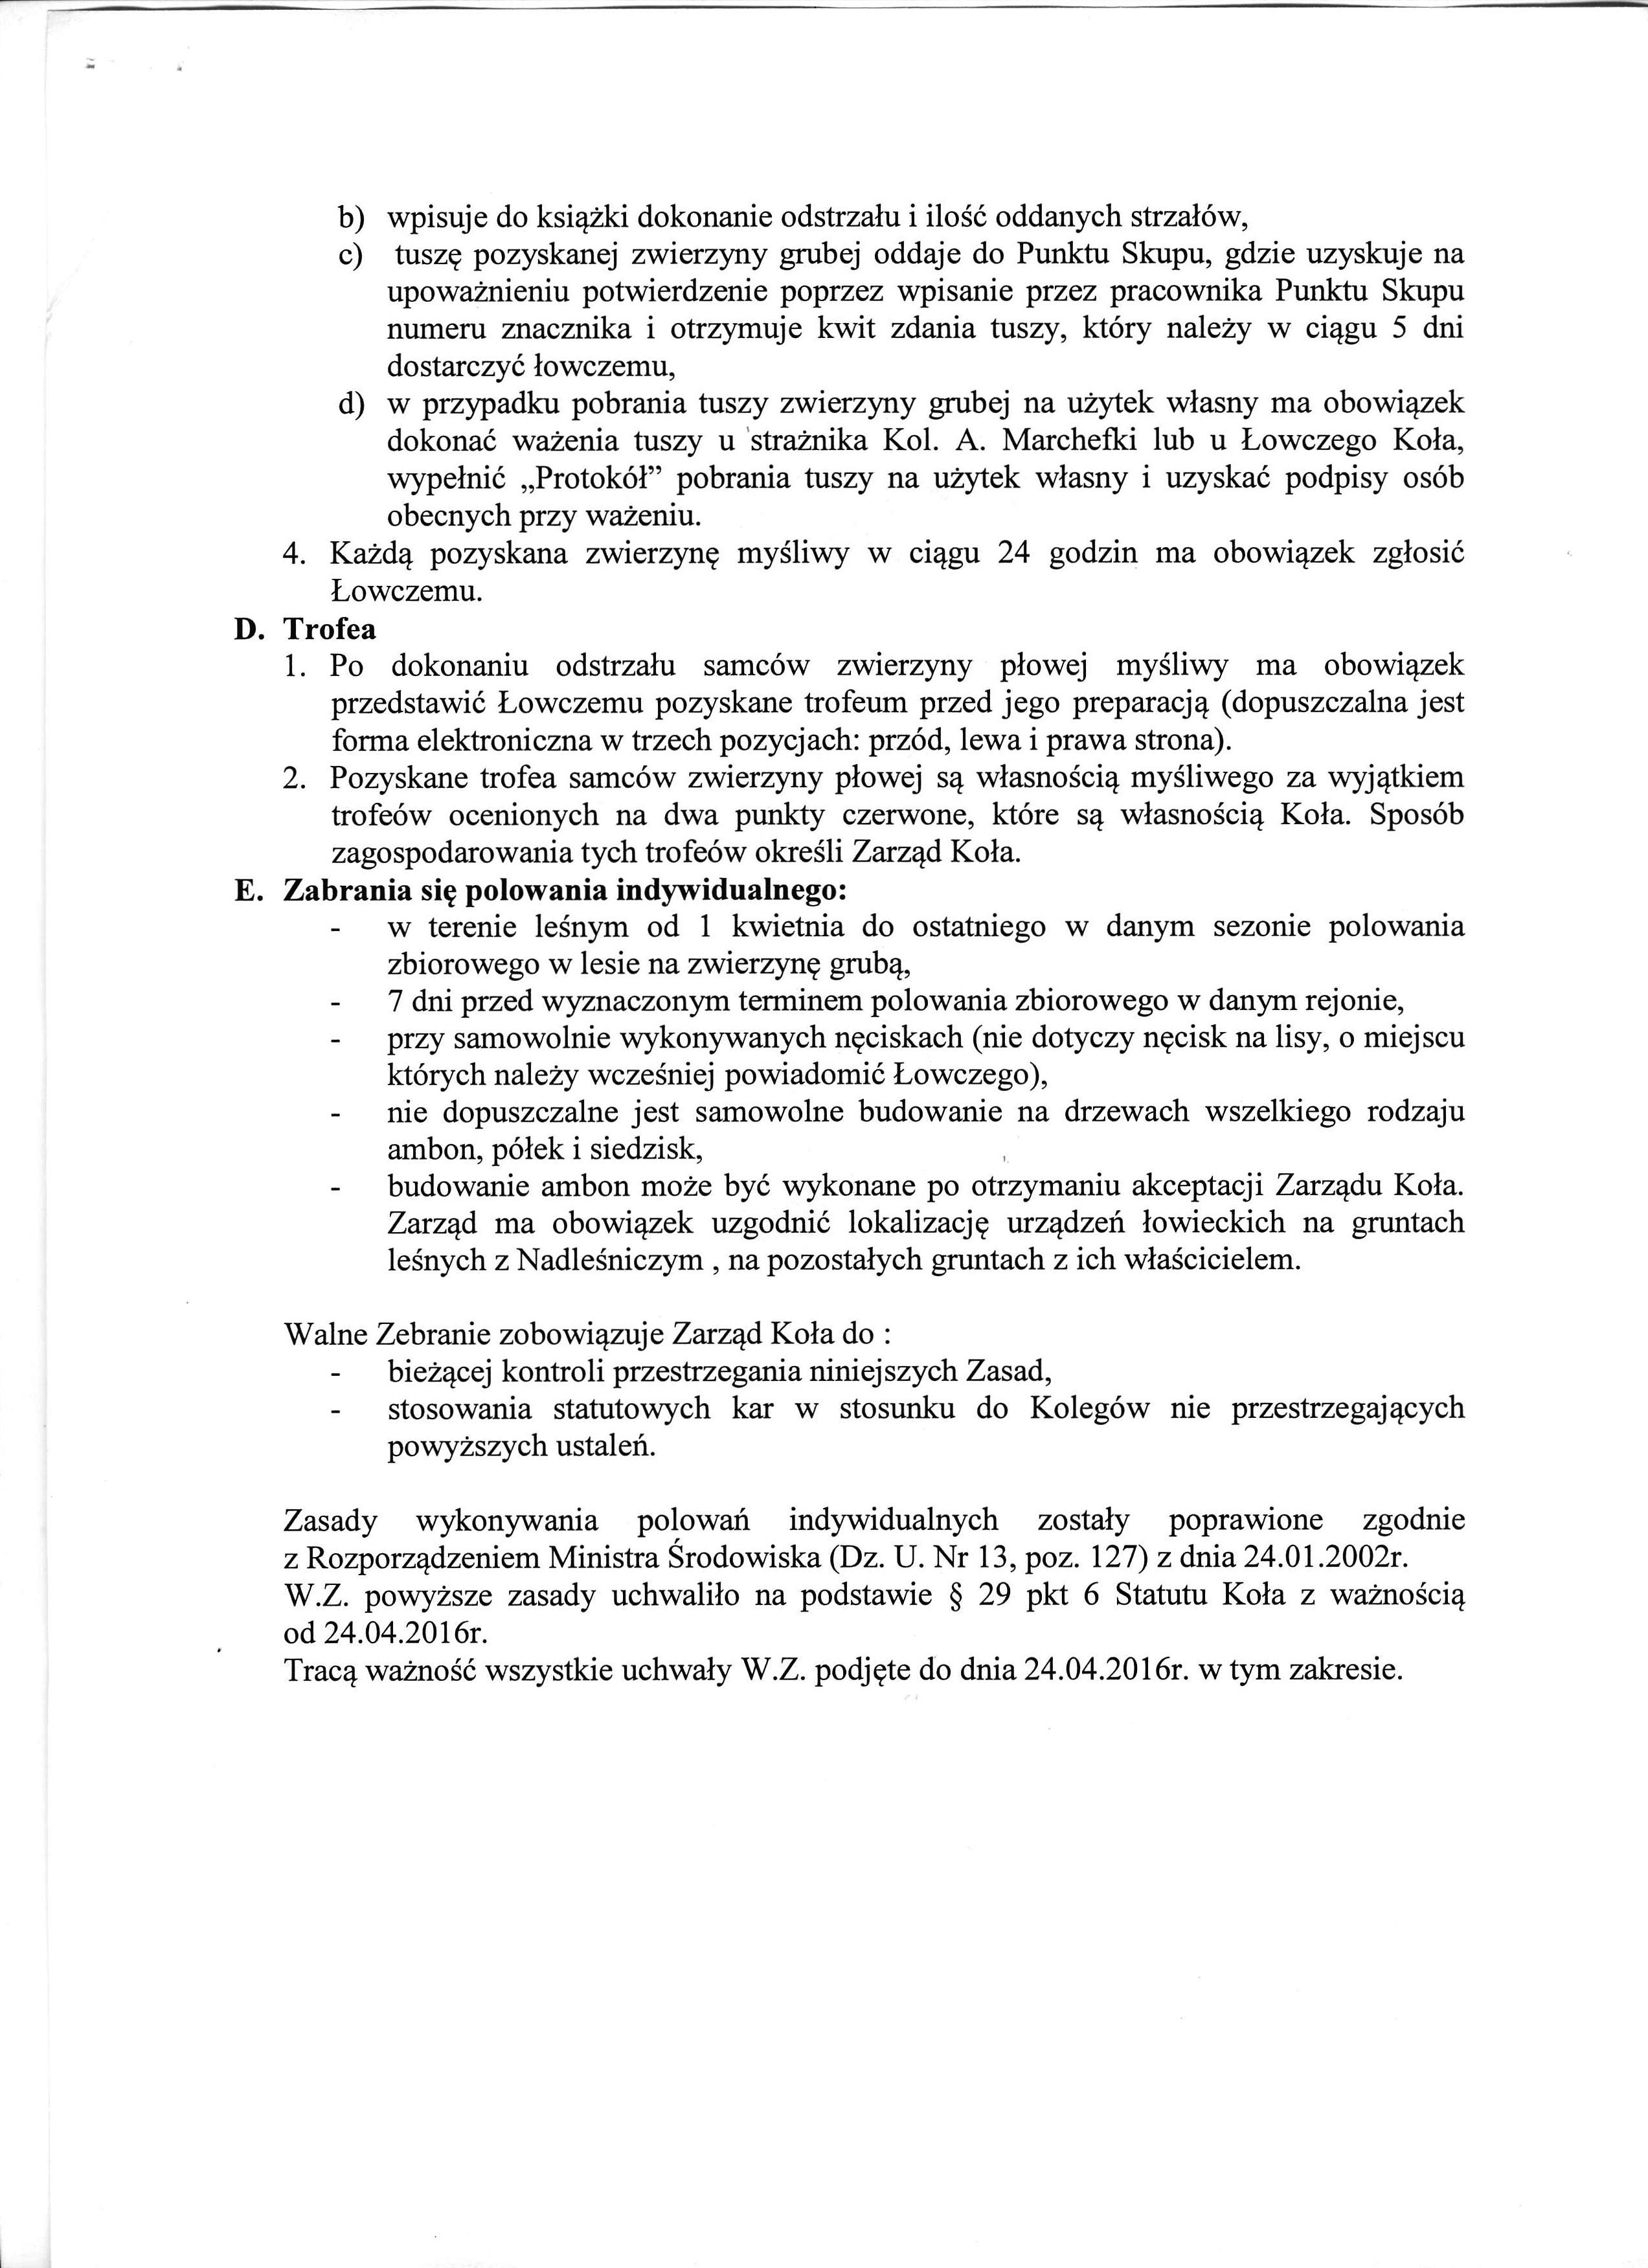 Zasady wykonywania polowań indywidualnych (3)